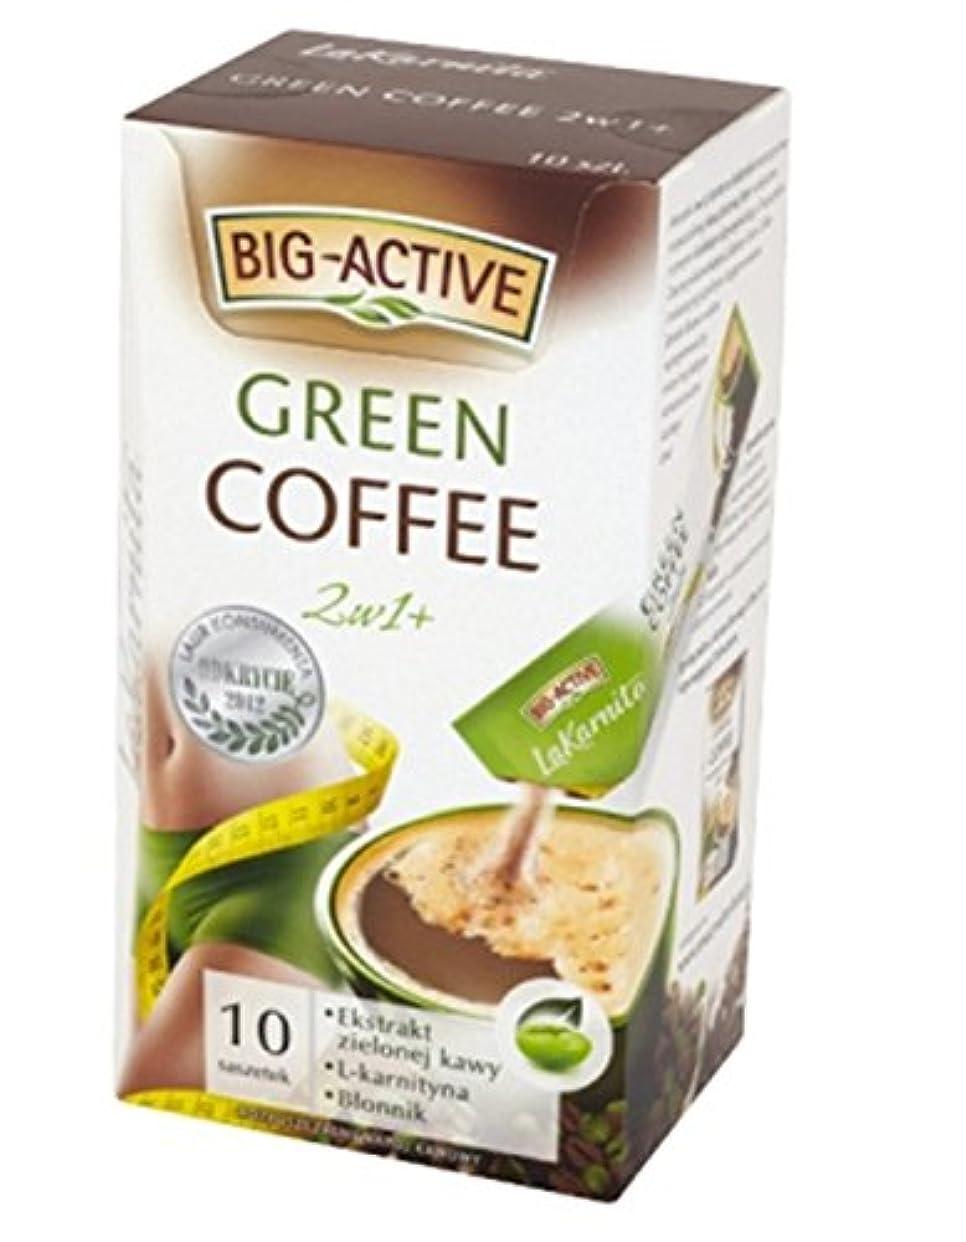 メディカルうがい知っているに立ち寄るスリミン グリー グコーヒー/5 boxes Big Active La Karnita Green Coffee Slimming Sachet 2 IN 1